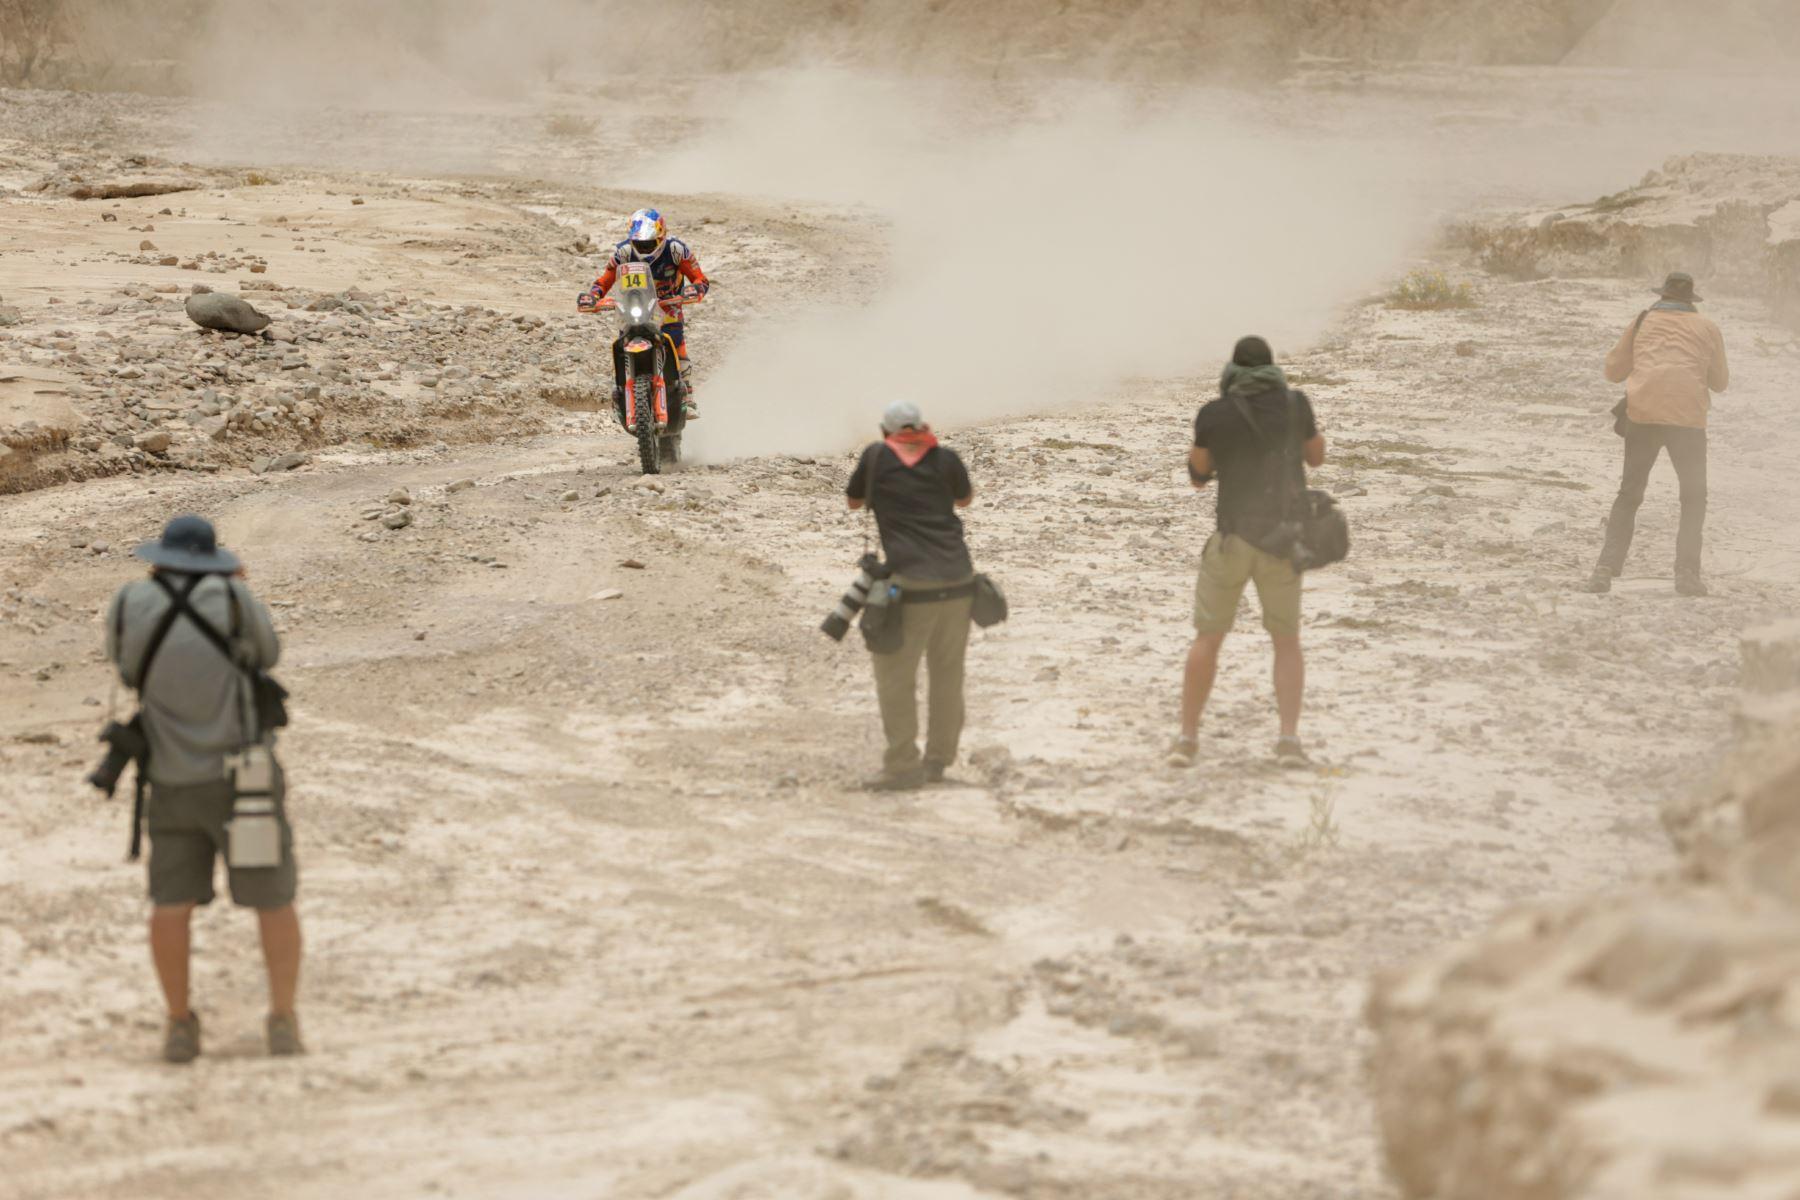 Cuarto día del Rally Dakar 2019, desde Arequipa en modo marathon dentro del desierto de Moquegua. Foto: ANDINA/Luis Iparraguirre